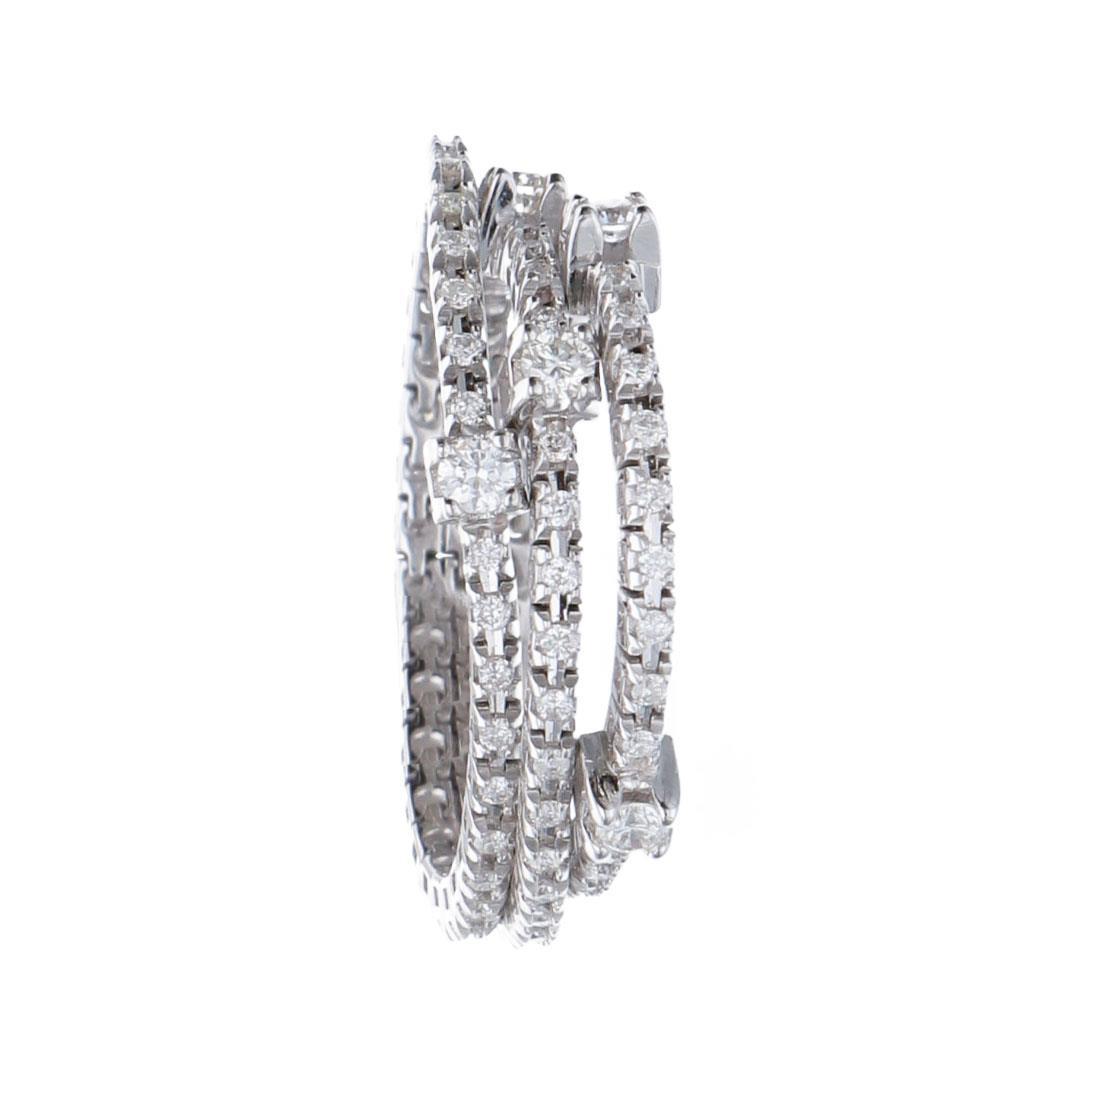 Anello semirigido in oro bianco con diamanti  - ALFIERI & ST. JOHN